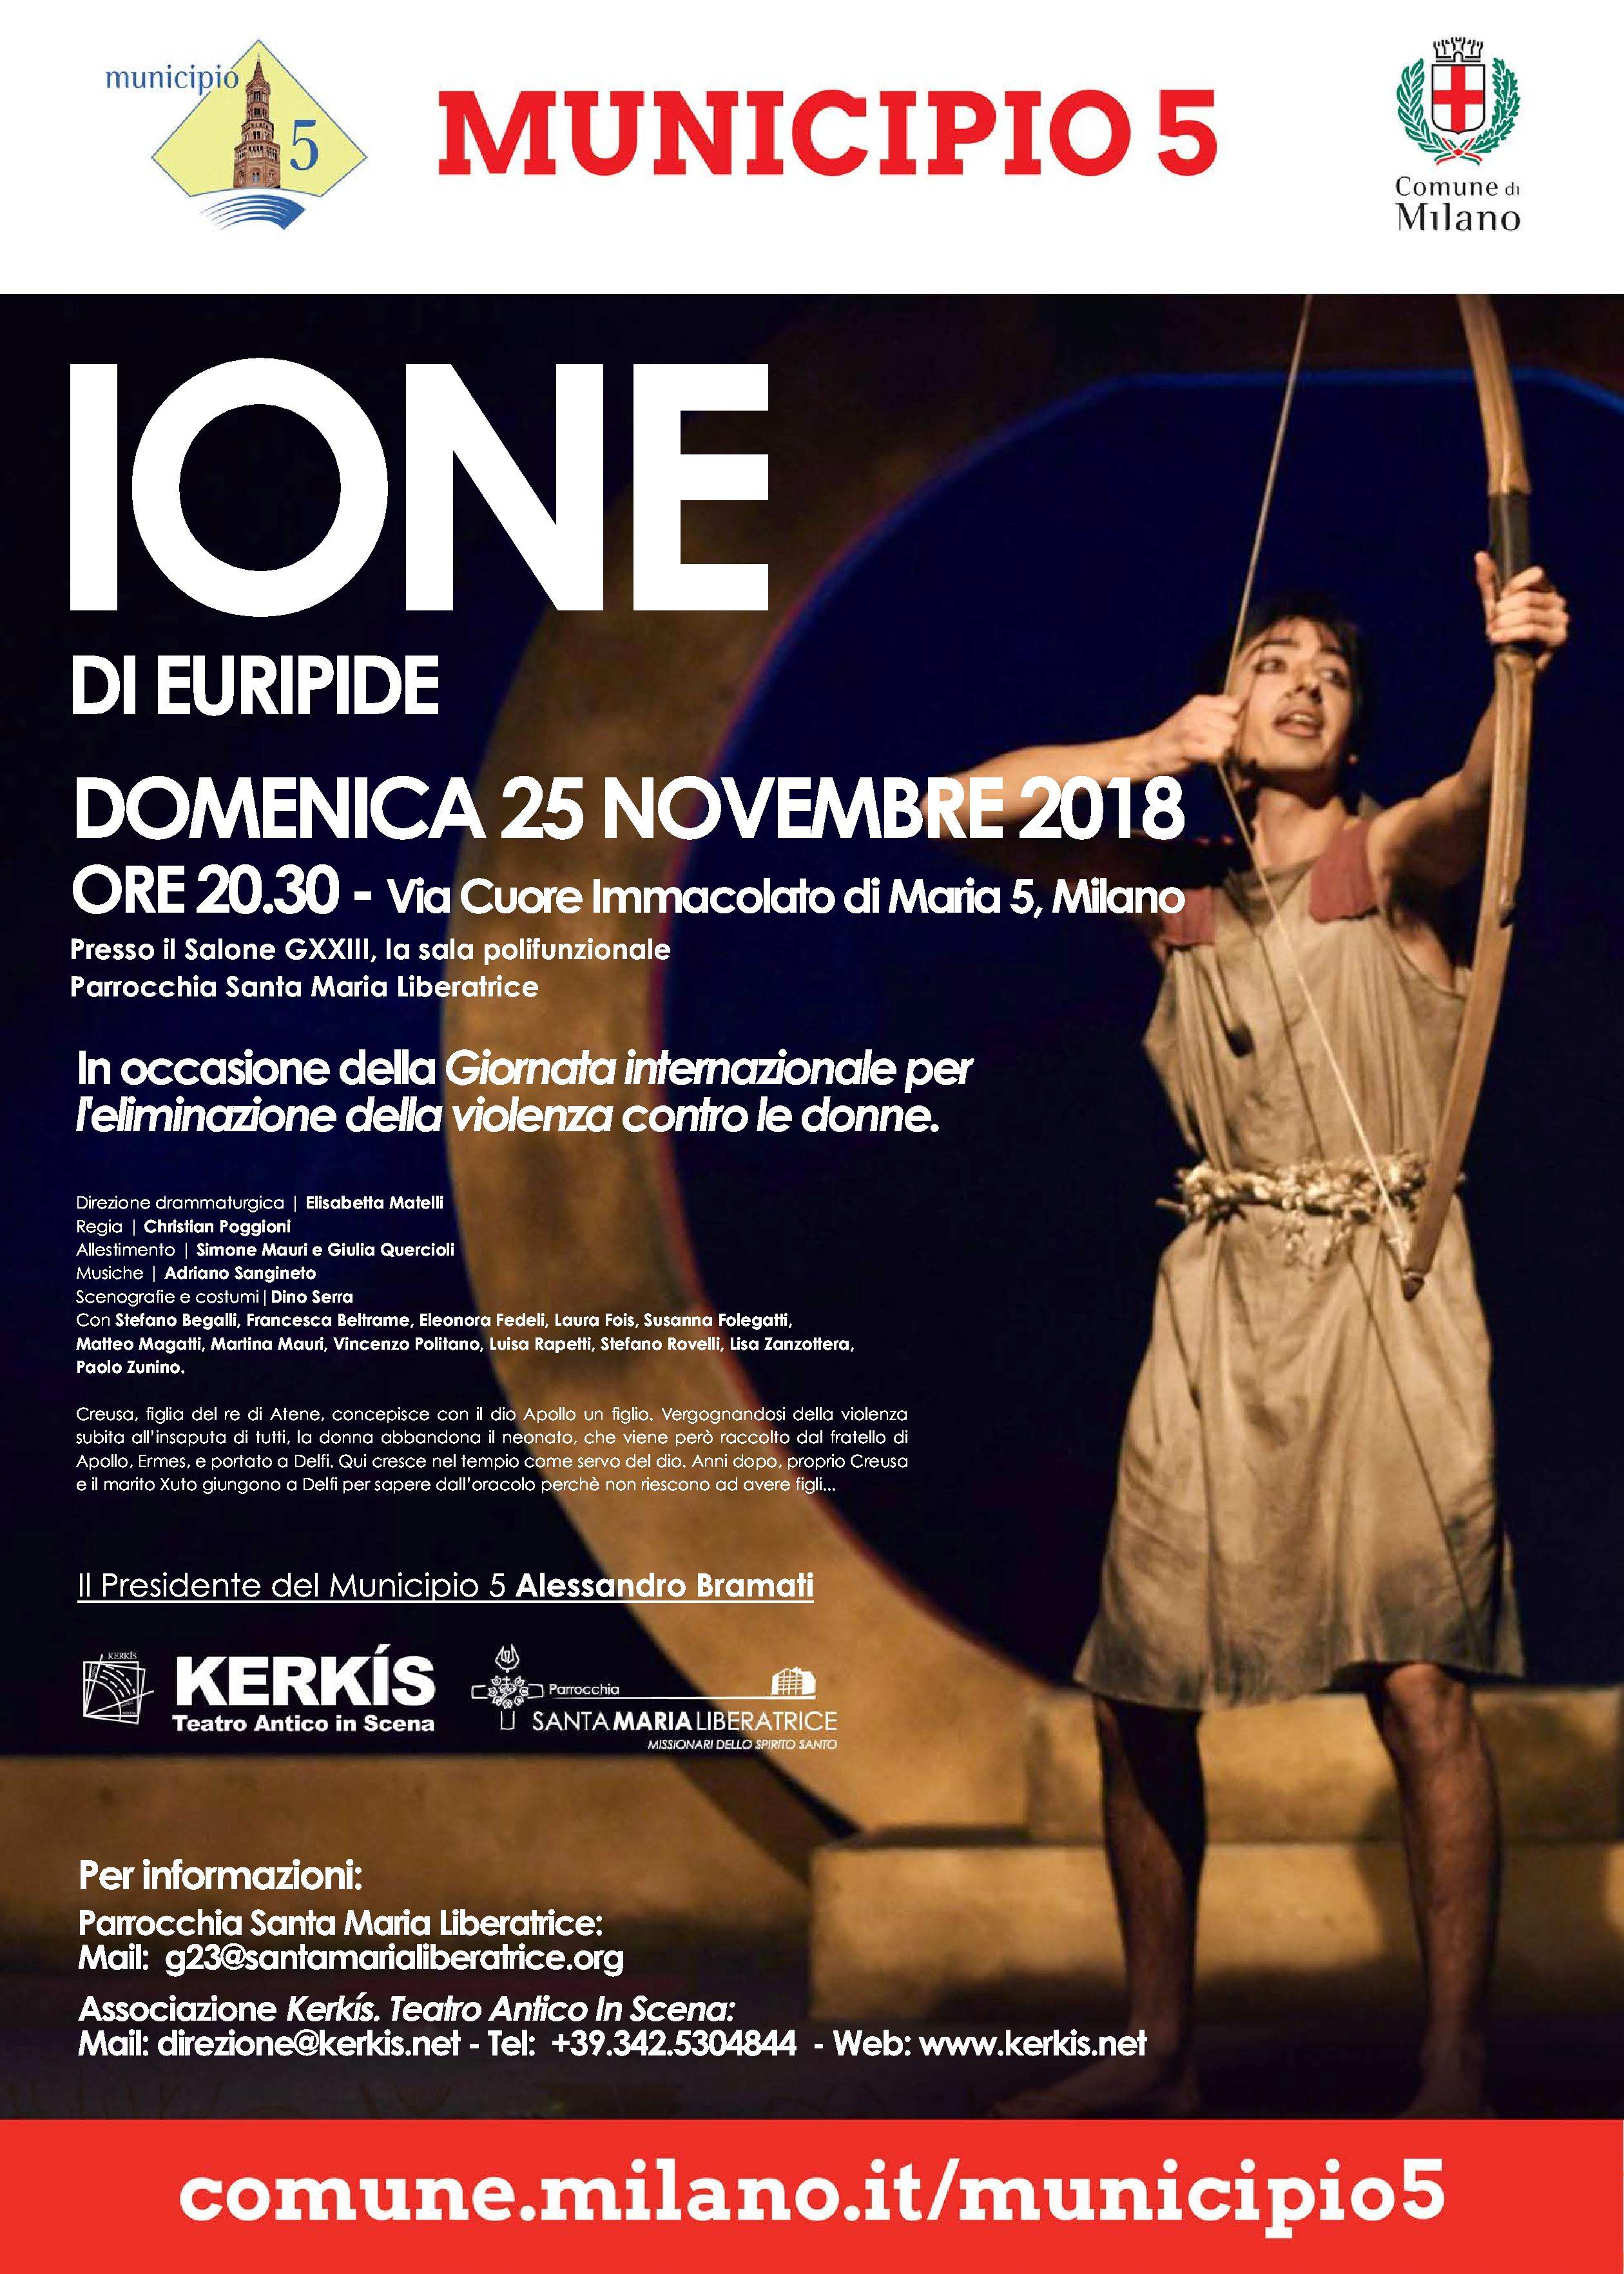 SPETTACOLO: Ione di Euripide